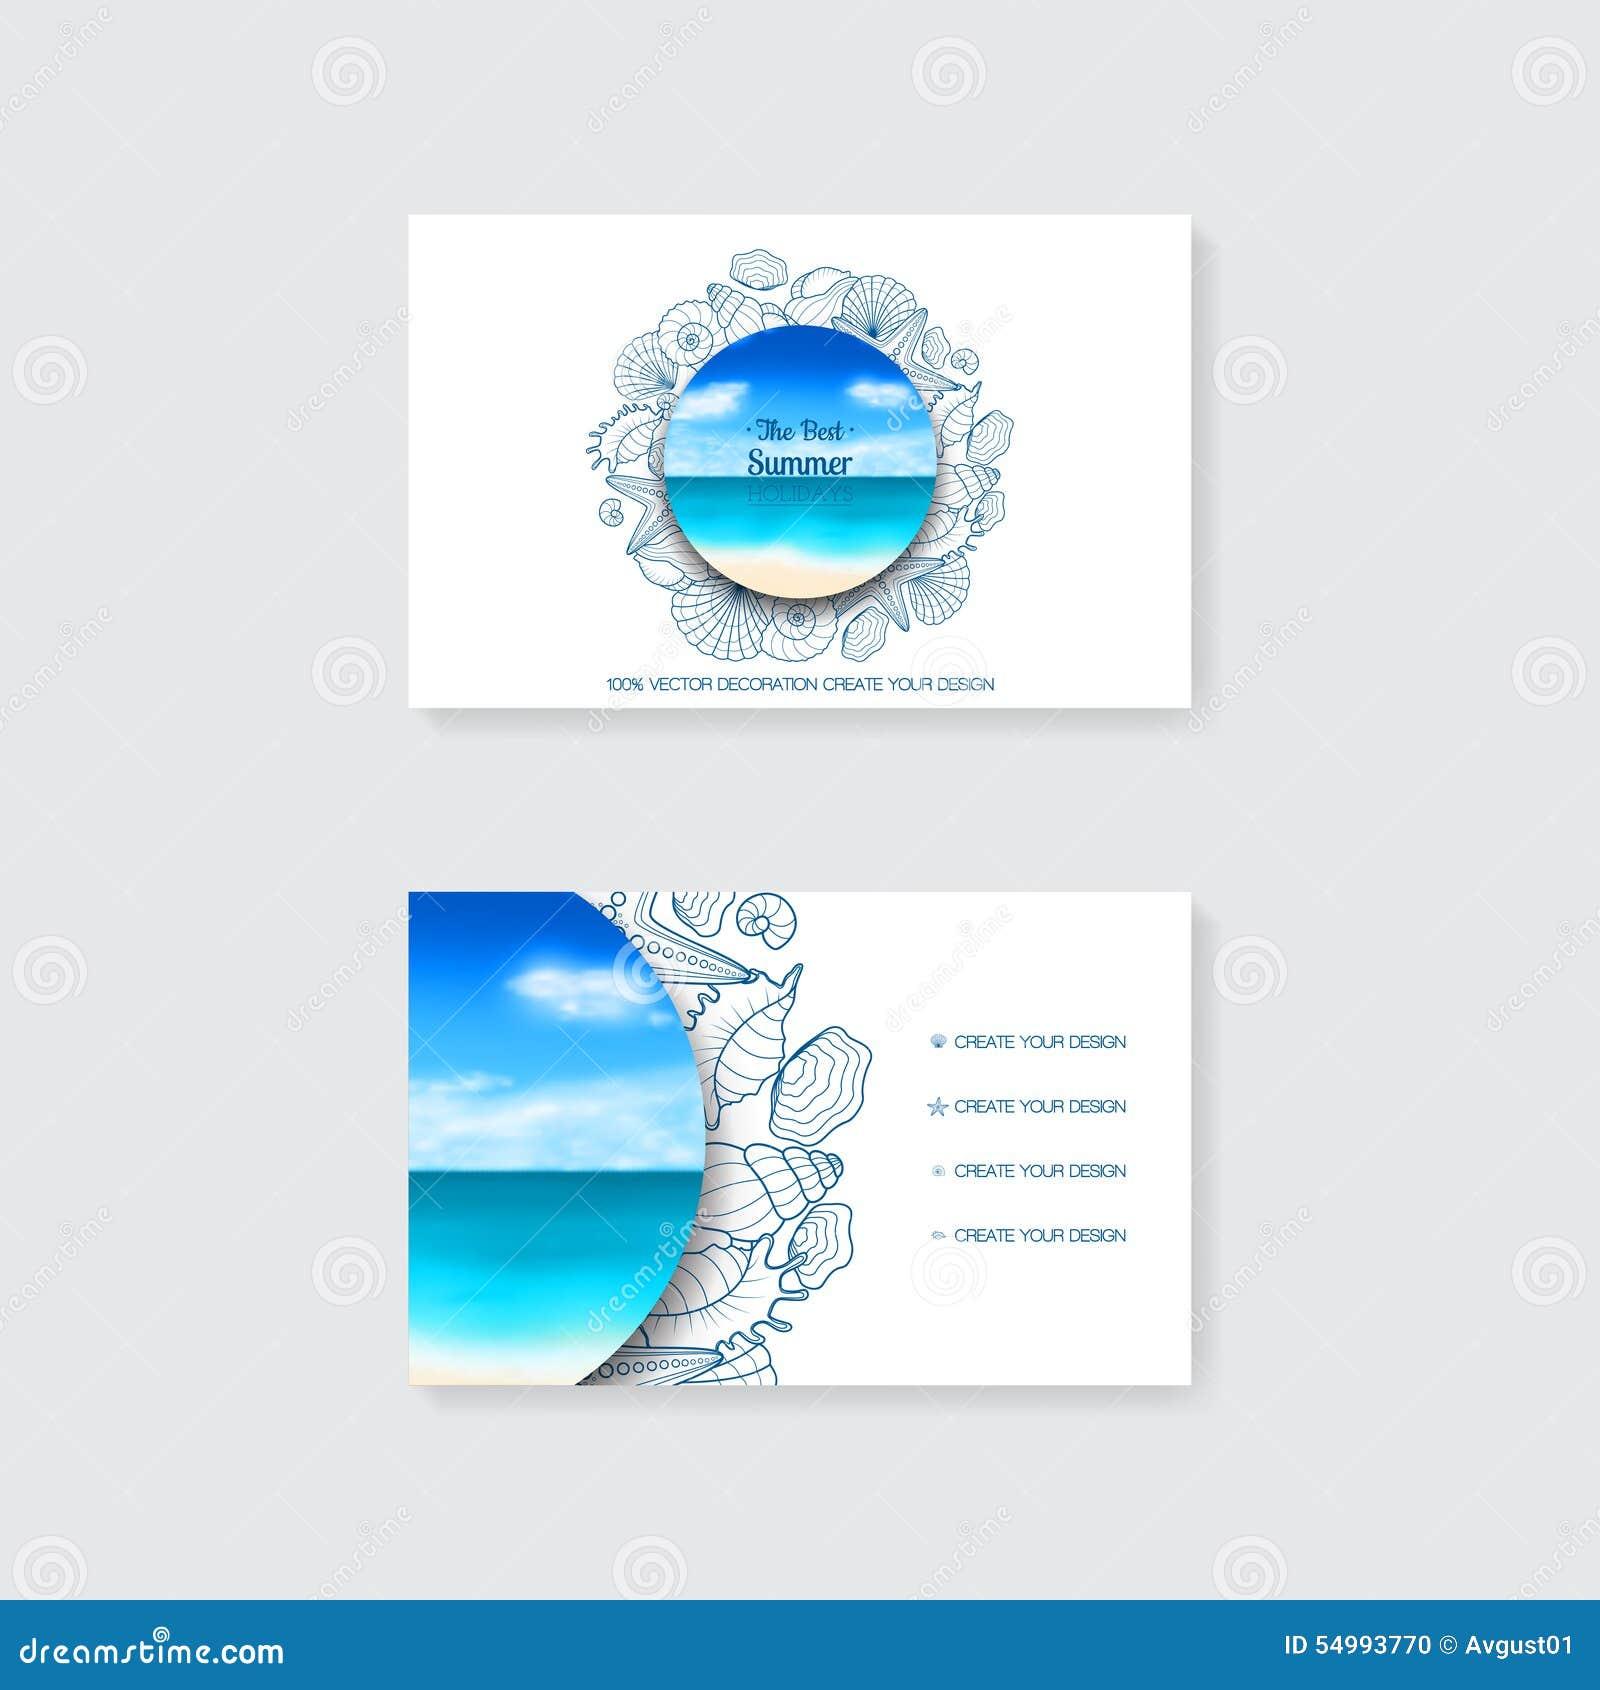 Schablone der einfachen Visitenkarte mit dekorativer Verzierung, Starfish und Muscheln